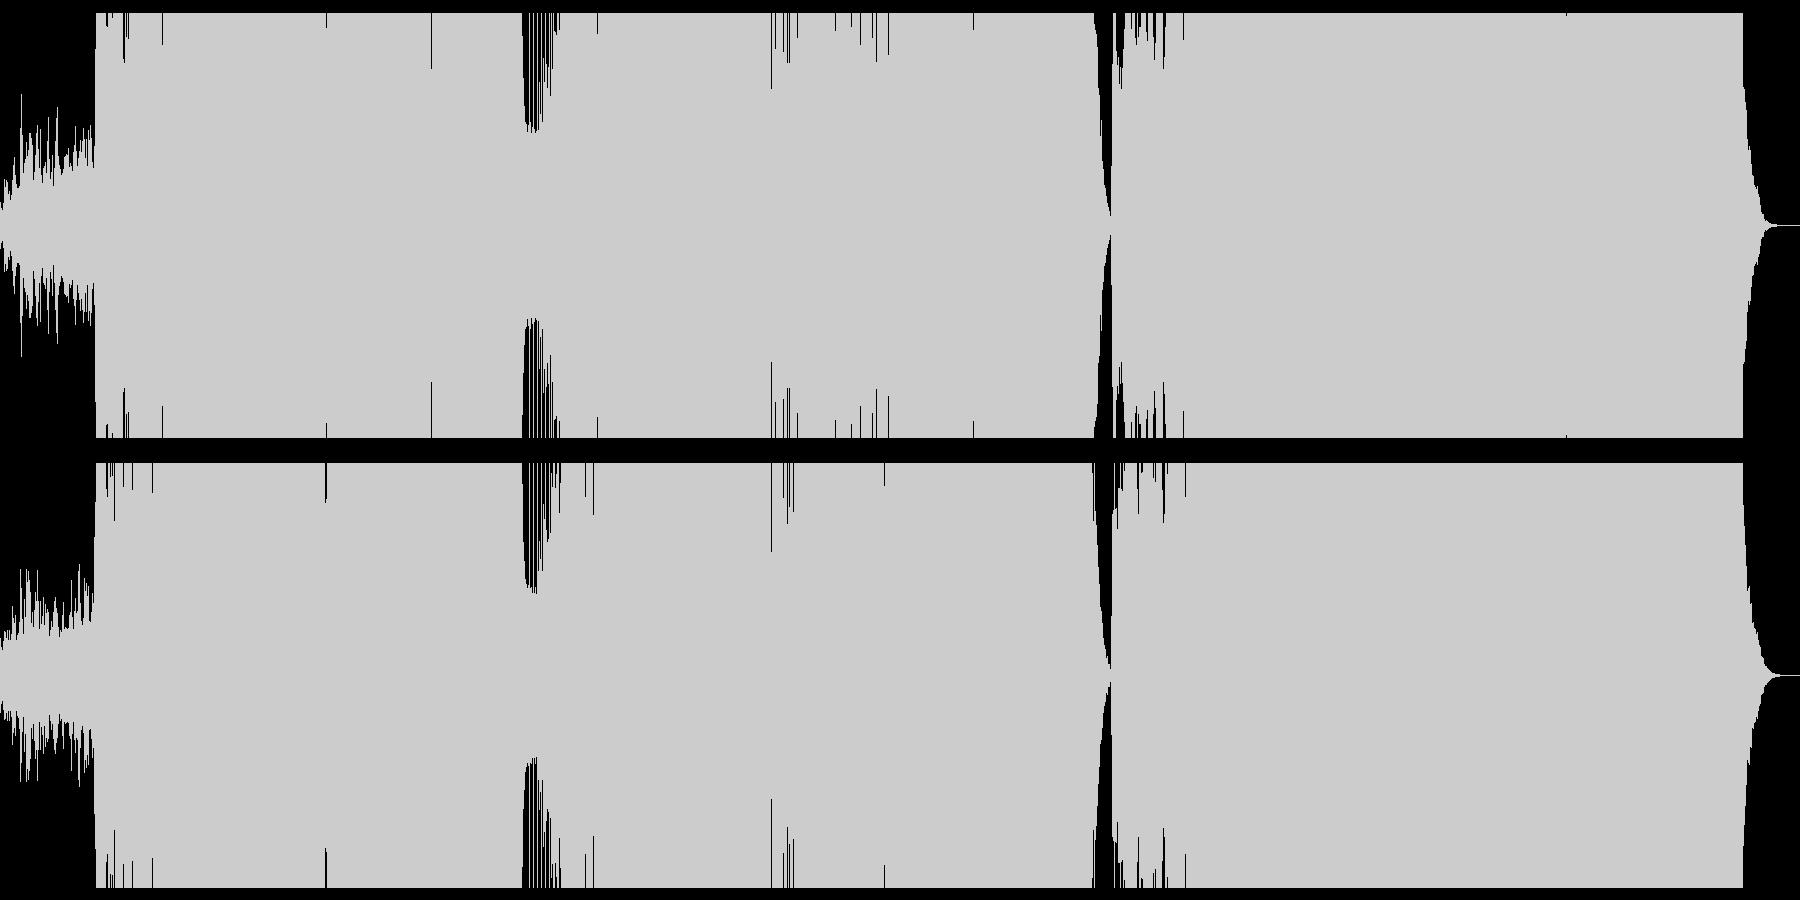 躍動感のあるシンフォニックロックの未再生の波形